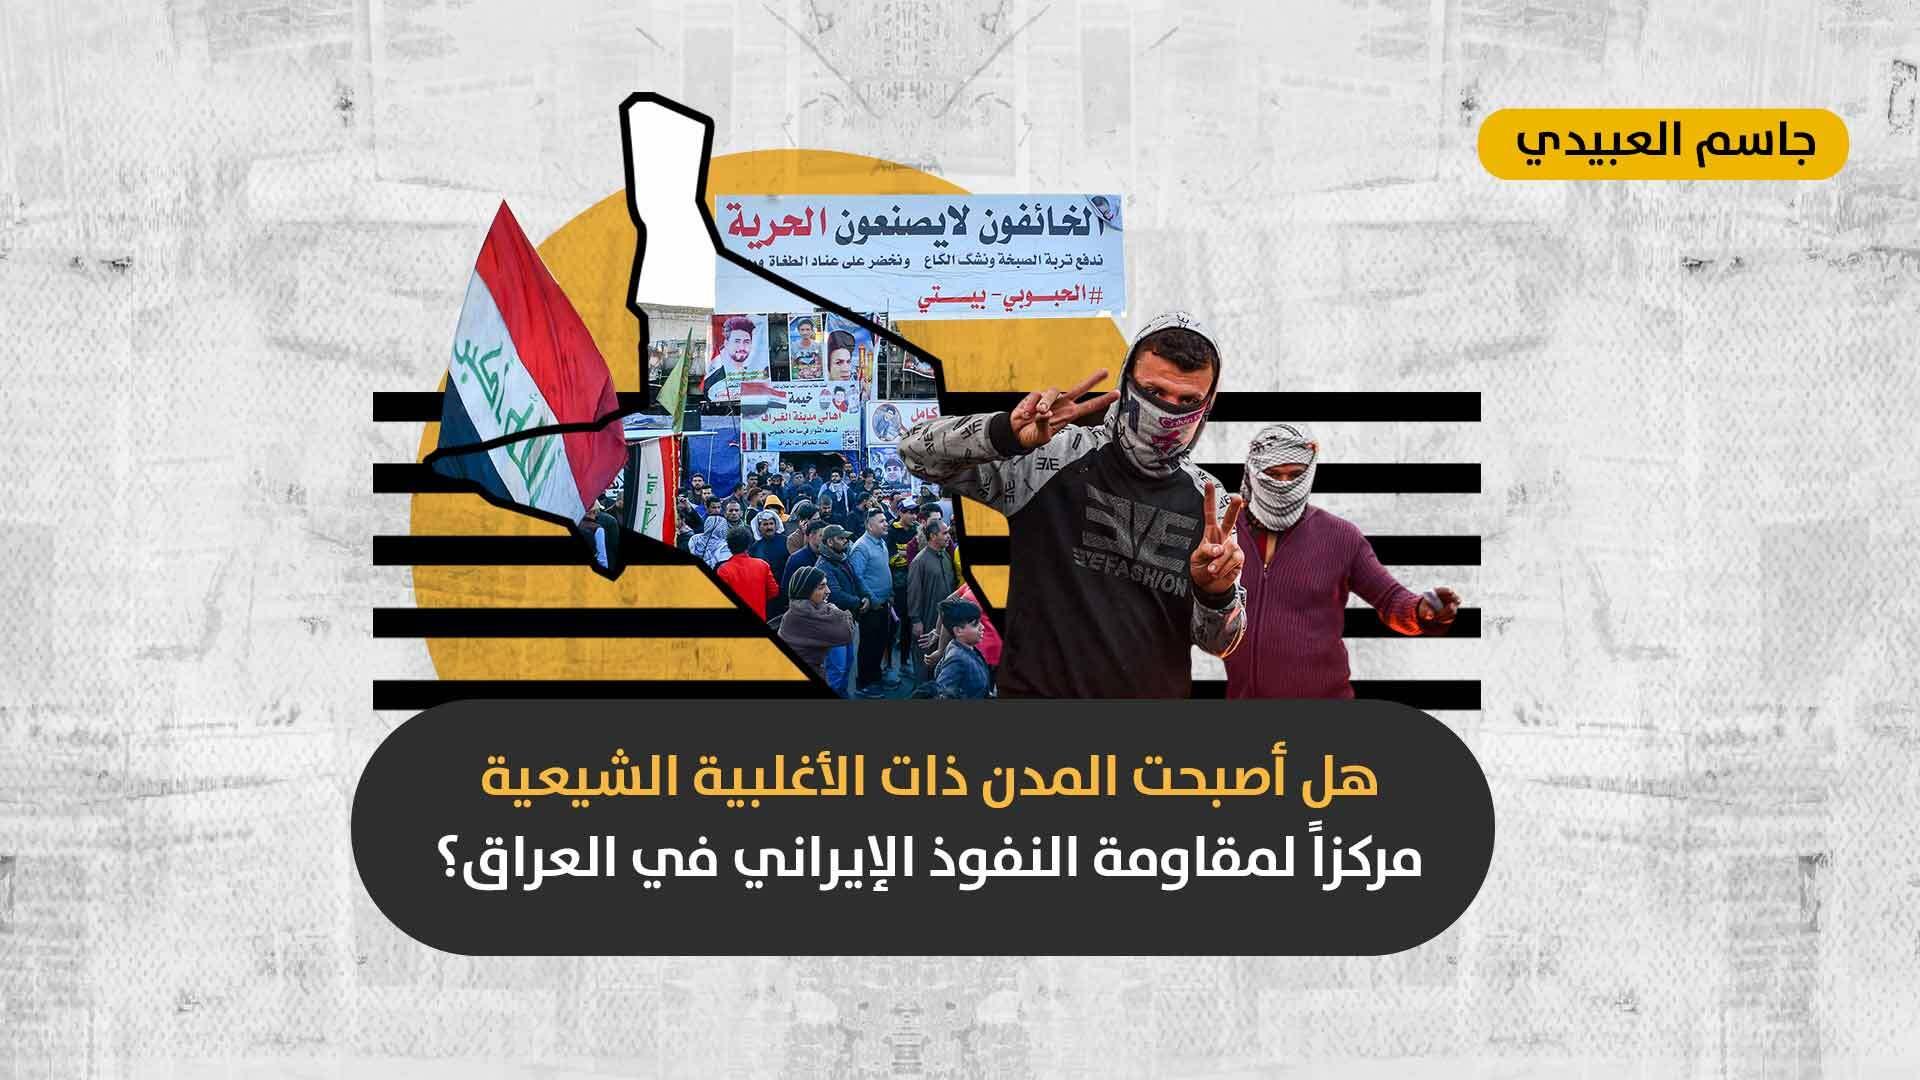 بعد مظاهرات الخامس والعشرين من أيار/مايو: هل ما زالت الميلشيات الموالية لإيران تمتلك قاعدة شعبية بين شيعة العراق؟